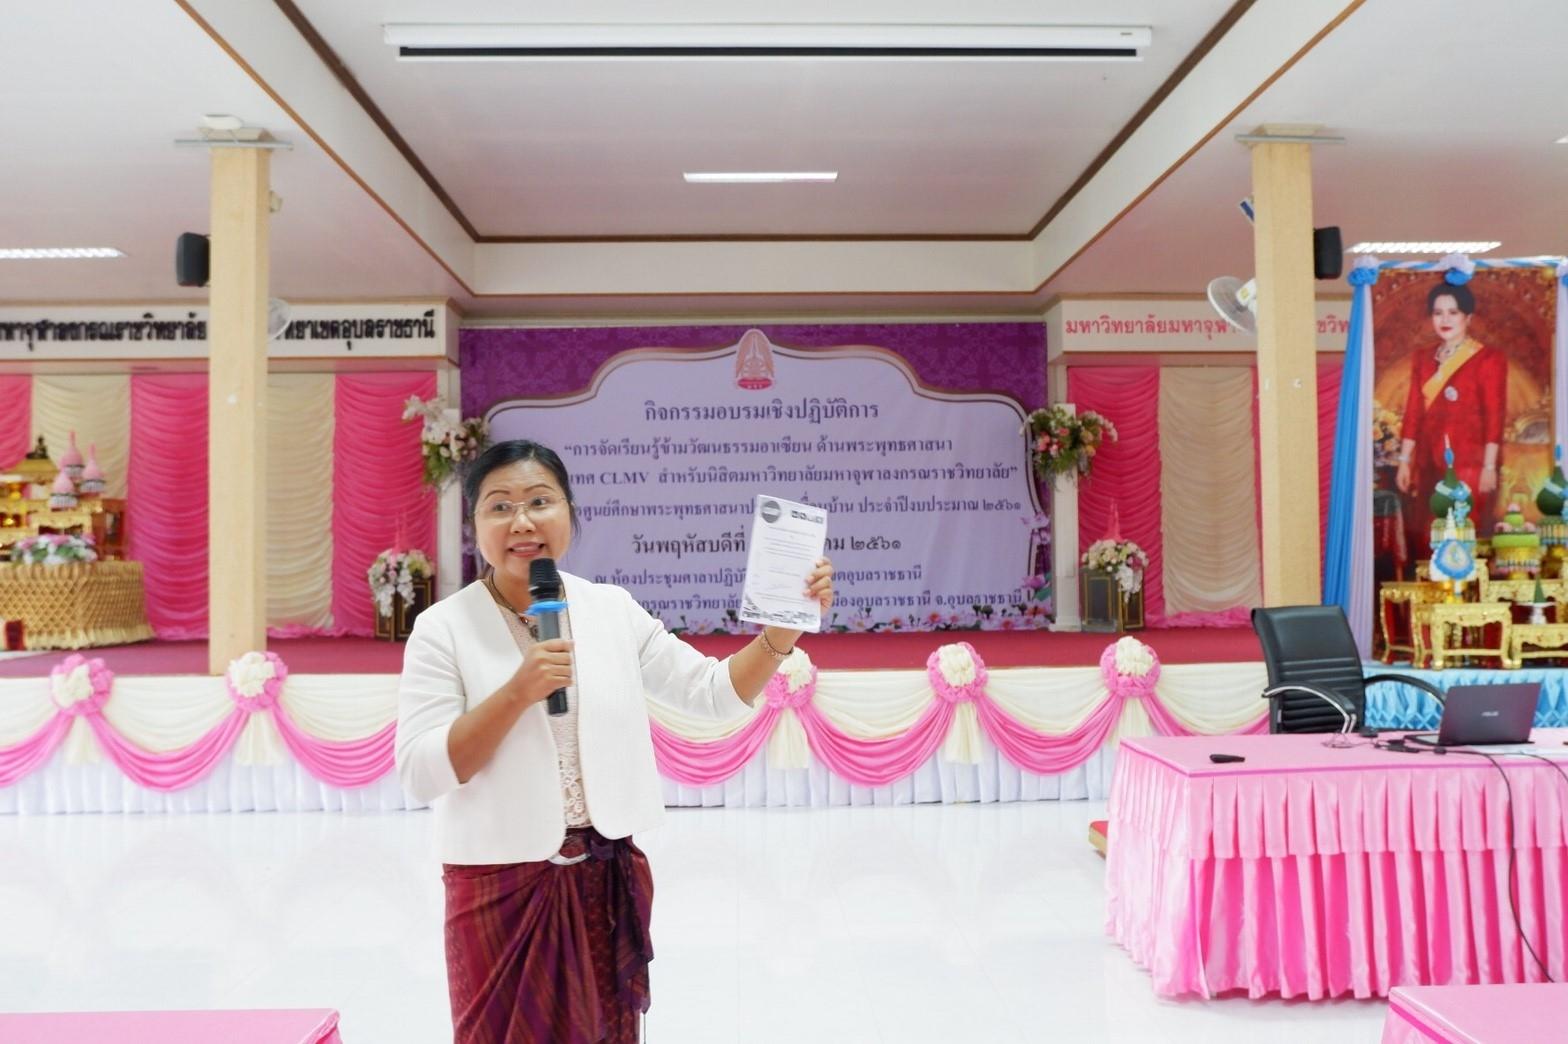 """กิจจกรรม """"การจัดการเรียนรู้ข้ามวัฒนธรรมอาเซียน ด้านพระพุทธศาสนา ในกลุ่มประเทศ CLMV  สำหรับนิสิตมหาวิทยาลัยมหาจุฬาลงกรณราชวิทยาลัย"""""""